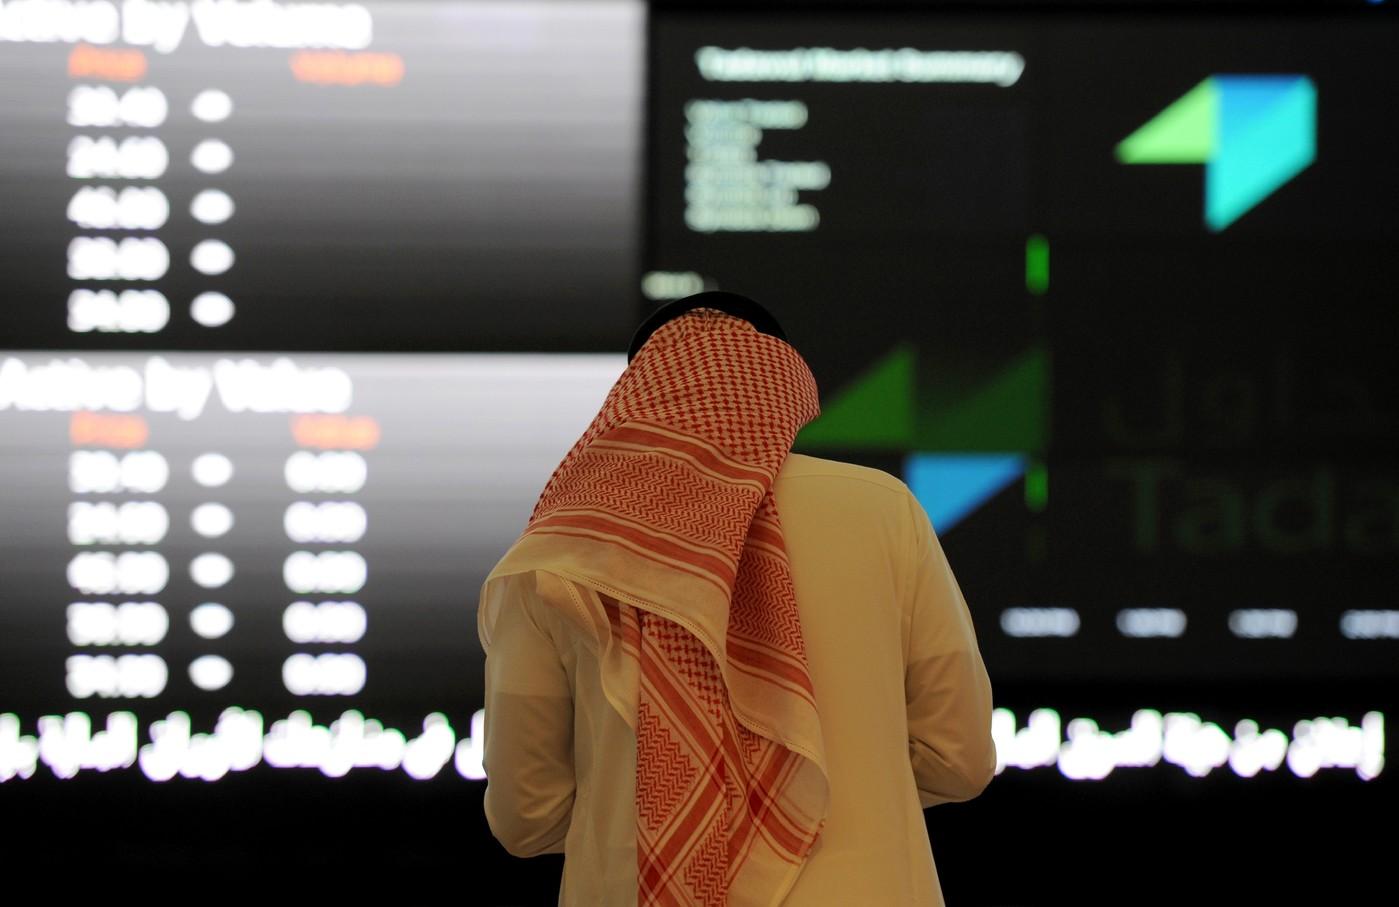 مؤشر سوق الأسهم السعودية يغلق مرتفعًا عند مستوى 6948.96 نقطة   صحيفة الاقتصادية